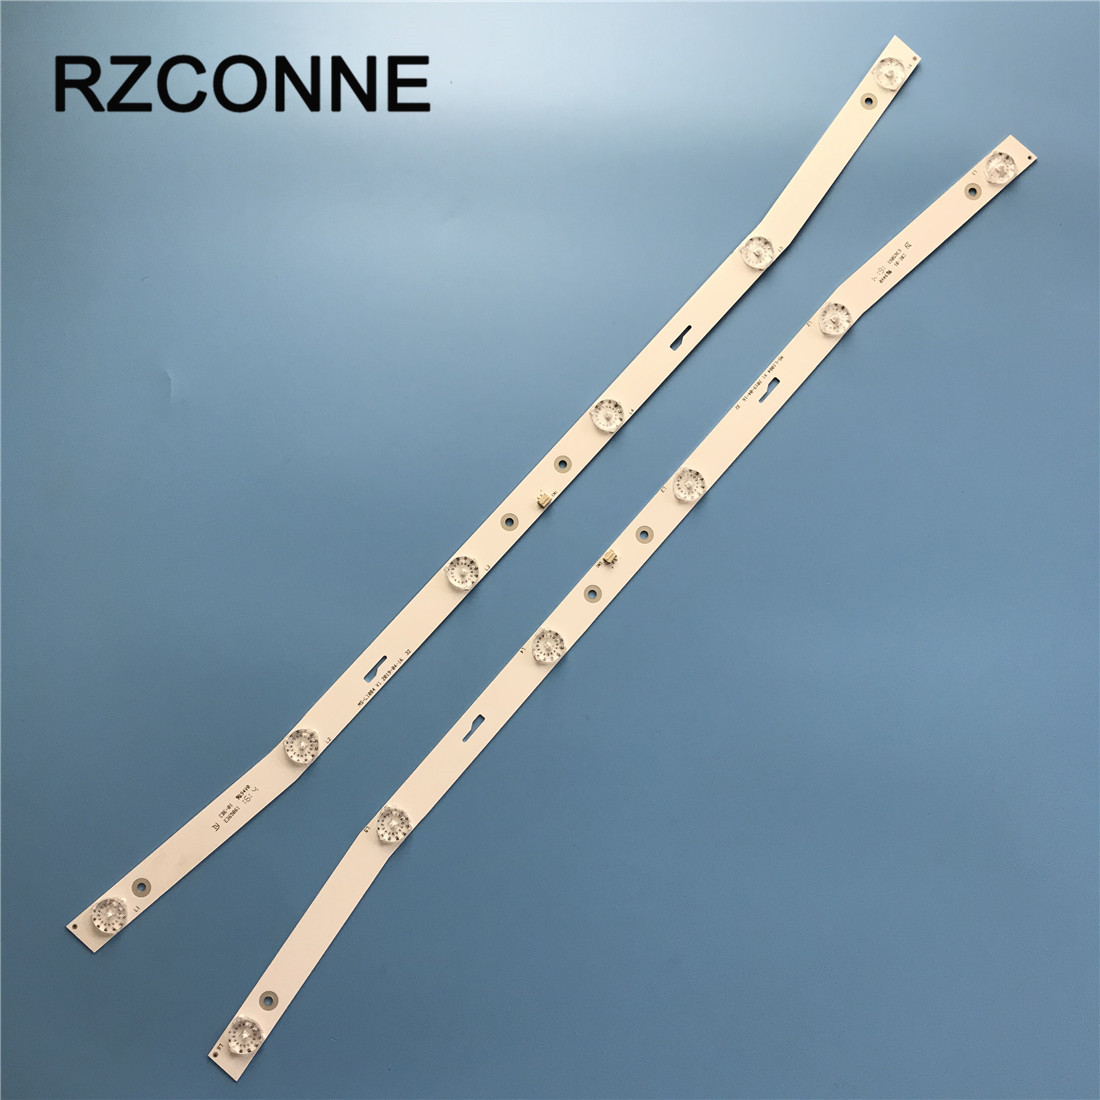 LED Blaklight Strip For AKAI JS-D-JP3220-061EC E32F2000 MCPCB AKTV3222 NUOVA ST3151A05-8 V320BJ7-PE1 AKTV3212 AKTV3216